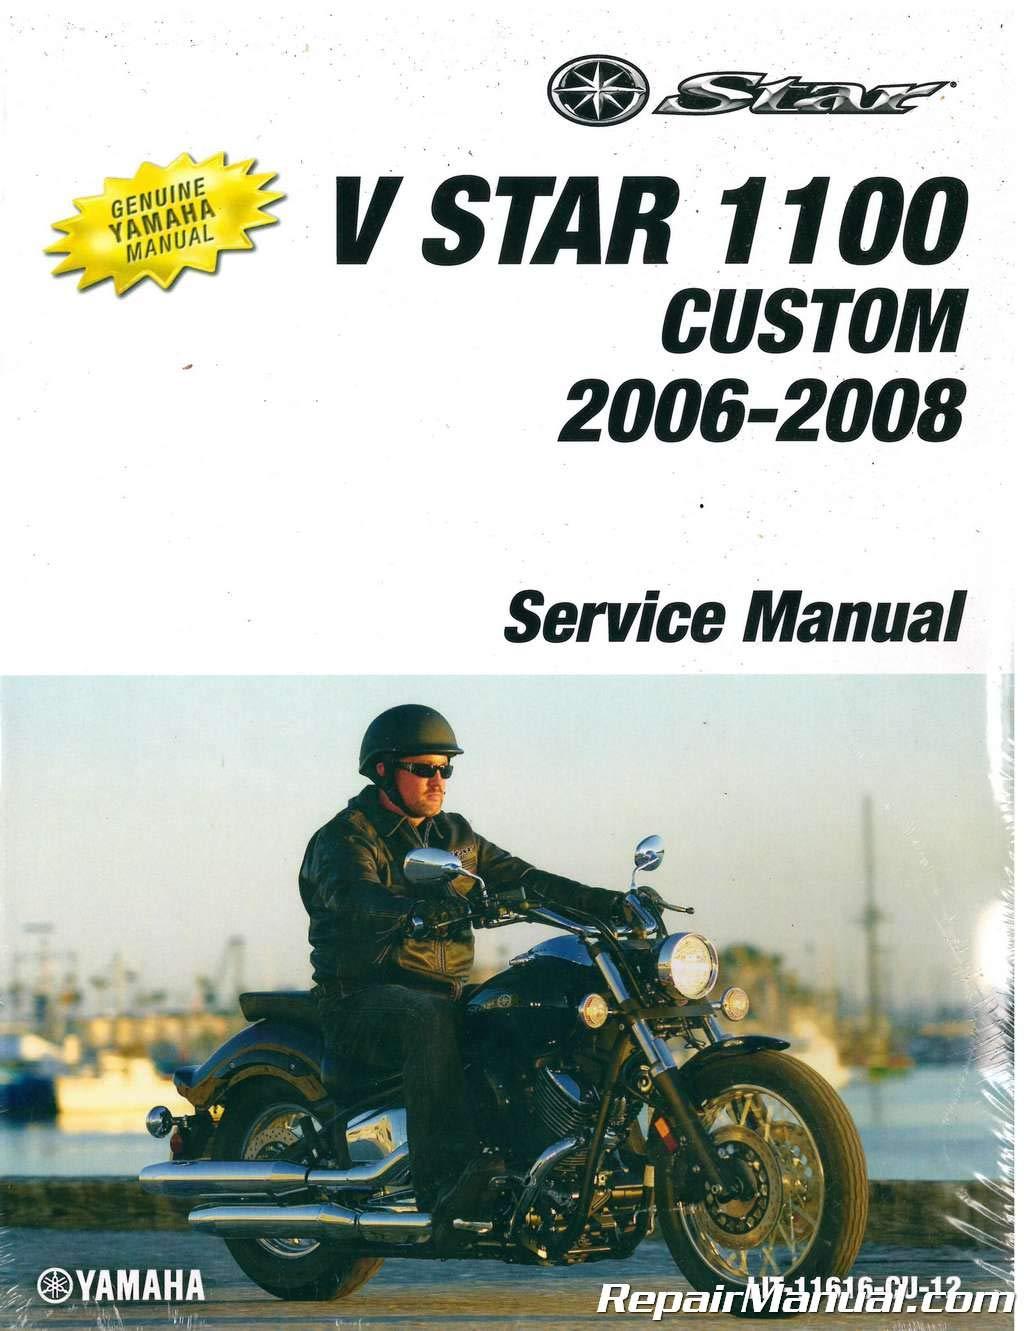 LIT-11616-CU-12 2006-2009 Yamaha XVS1100 V-Star Custom Service Manual pdf